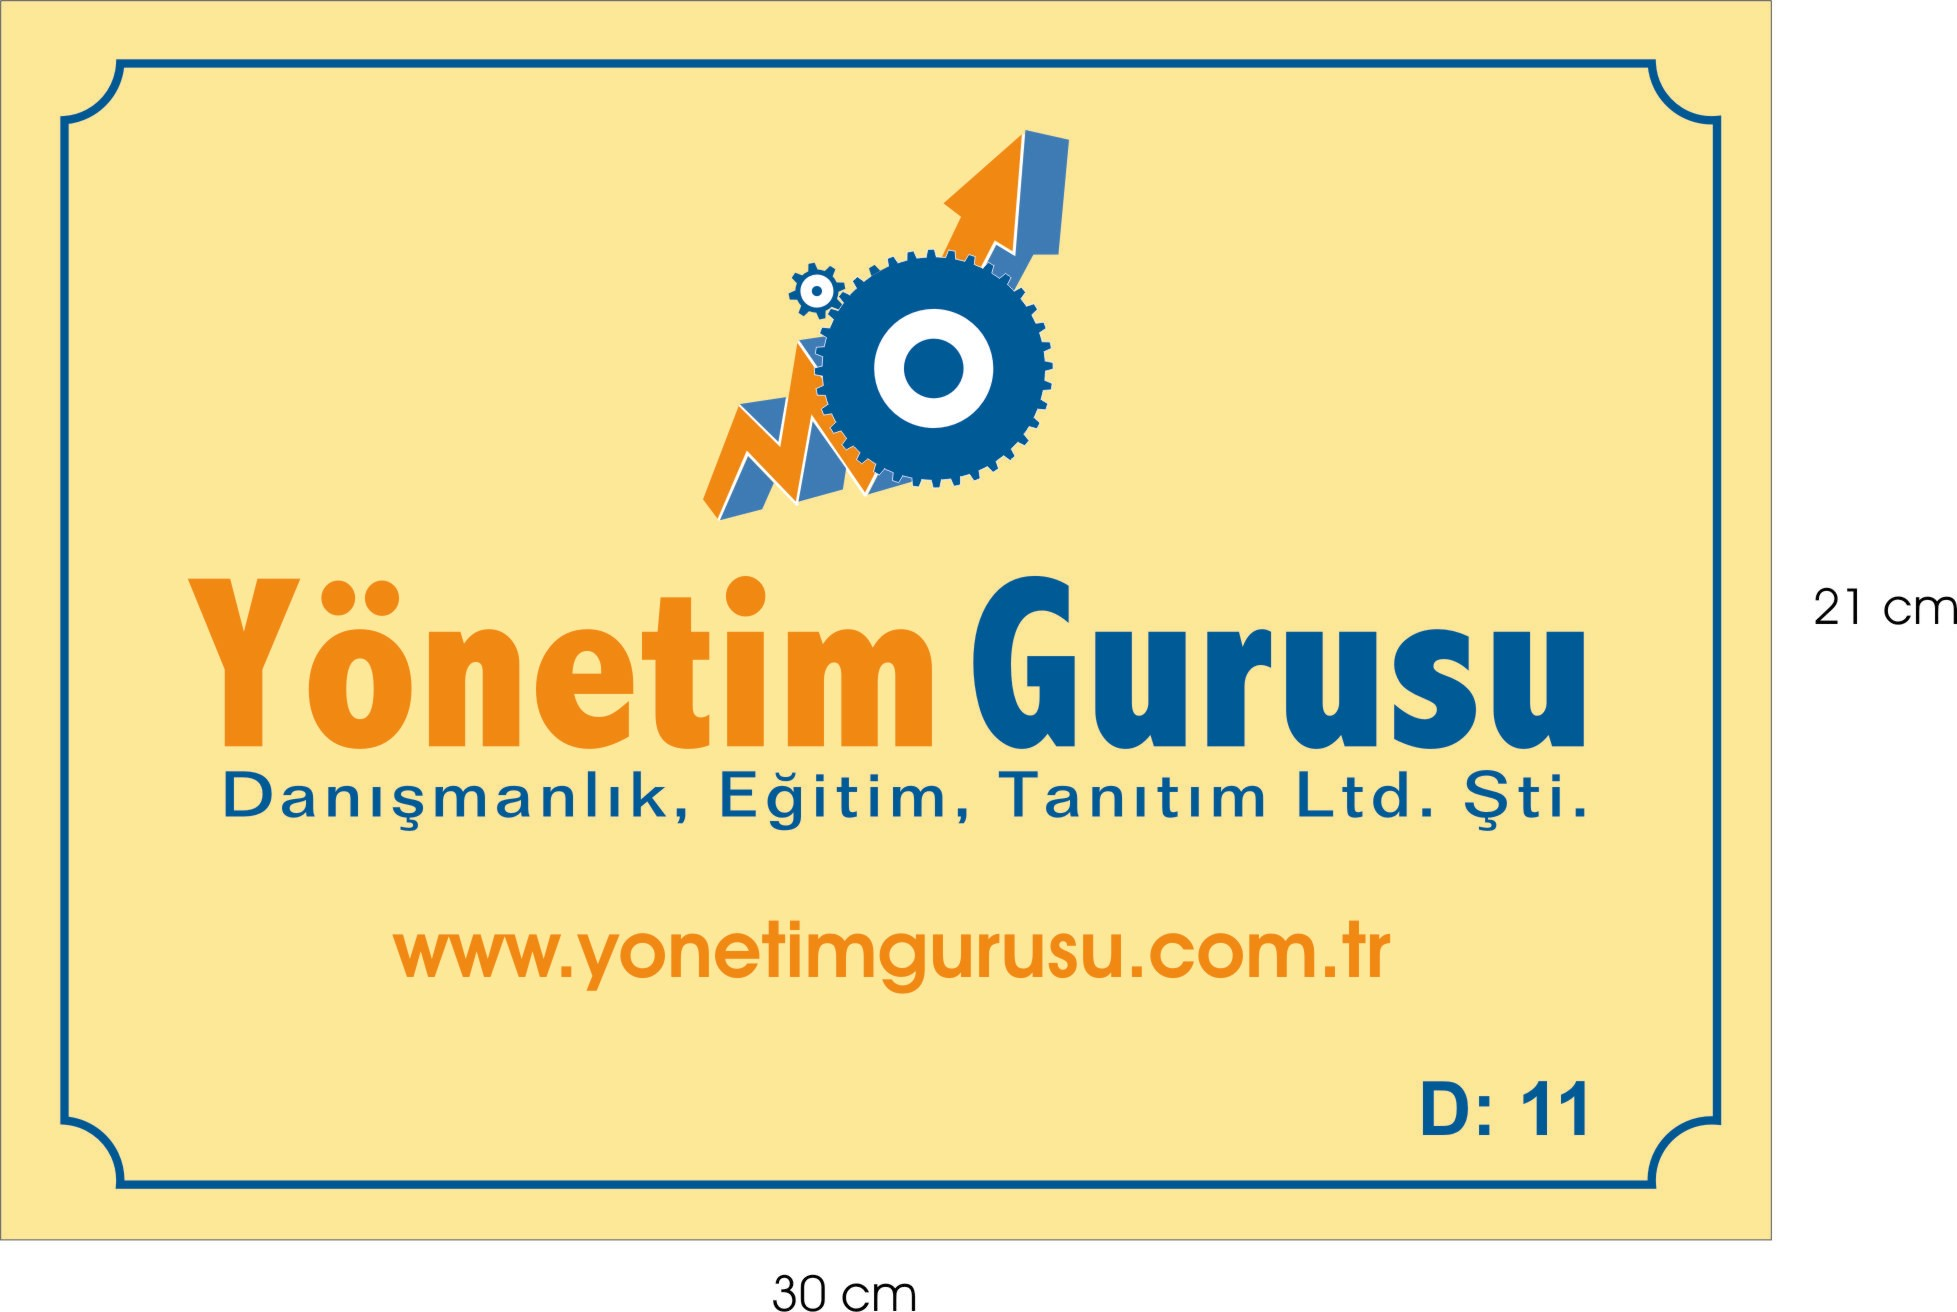 YÖNETİM GURUSU DAN., EĞİTİM, TANITIM LTD.ŞTİ.